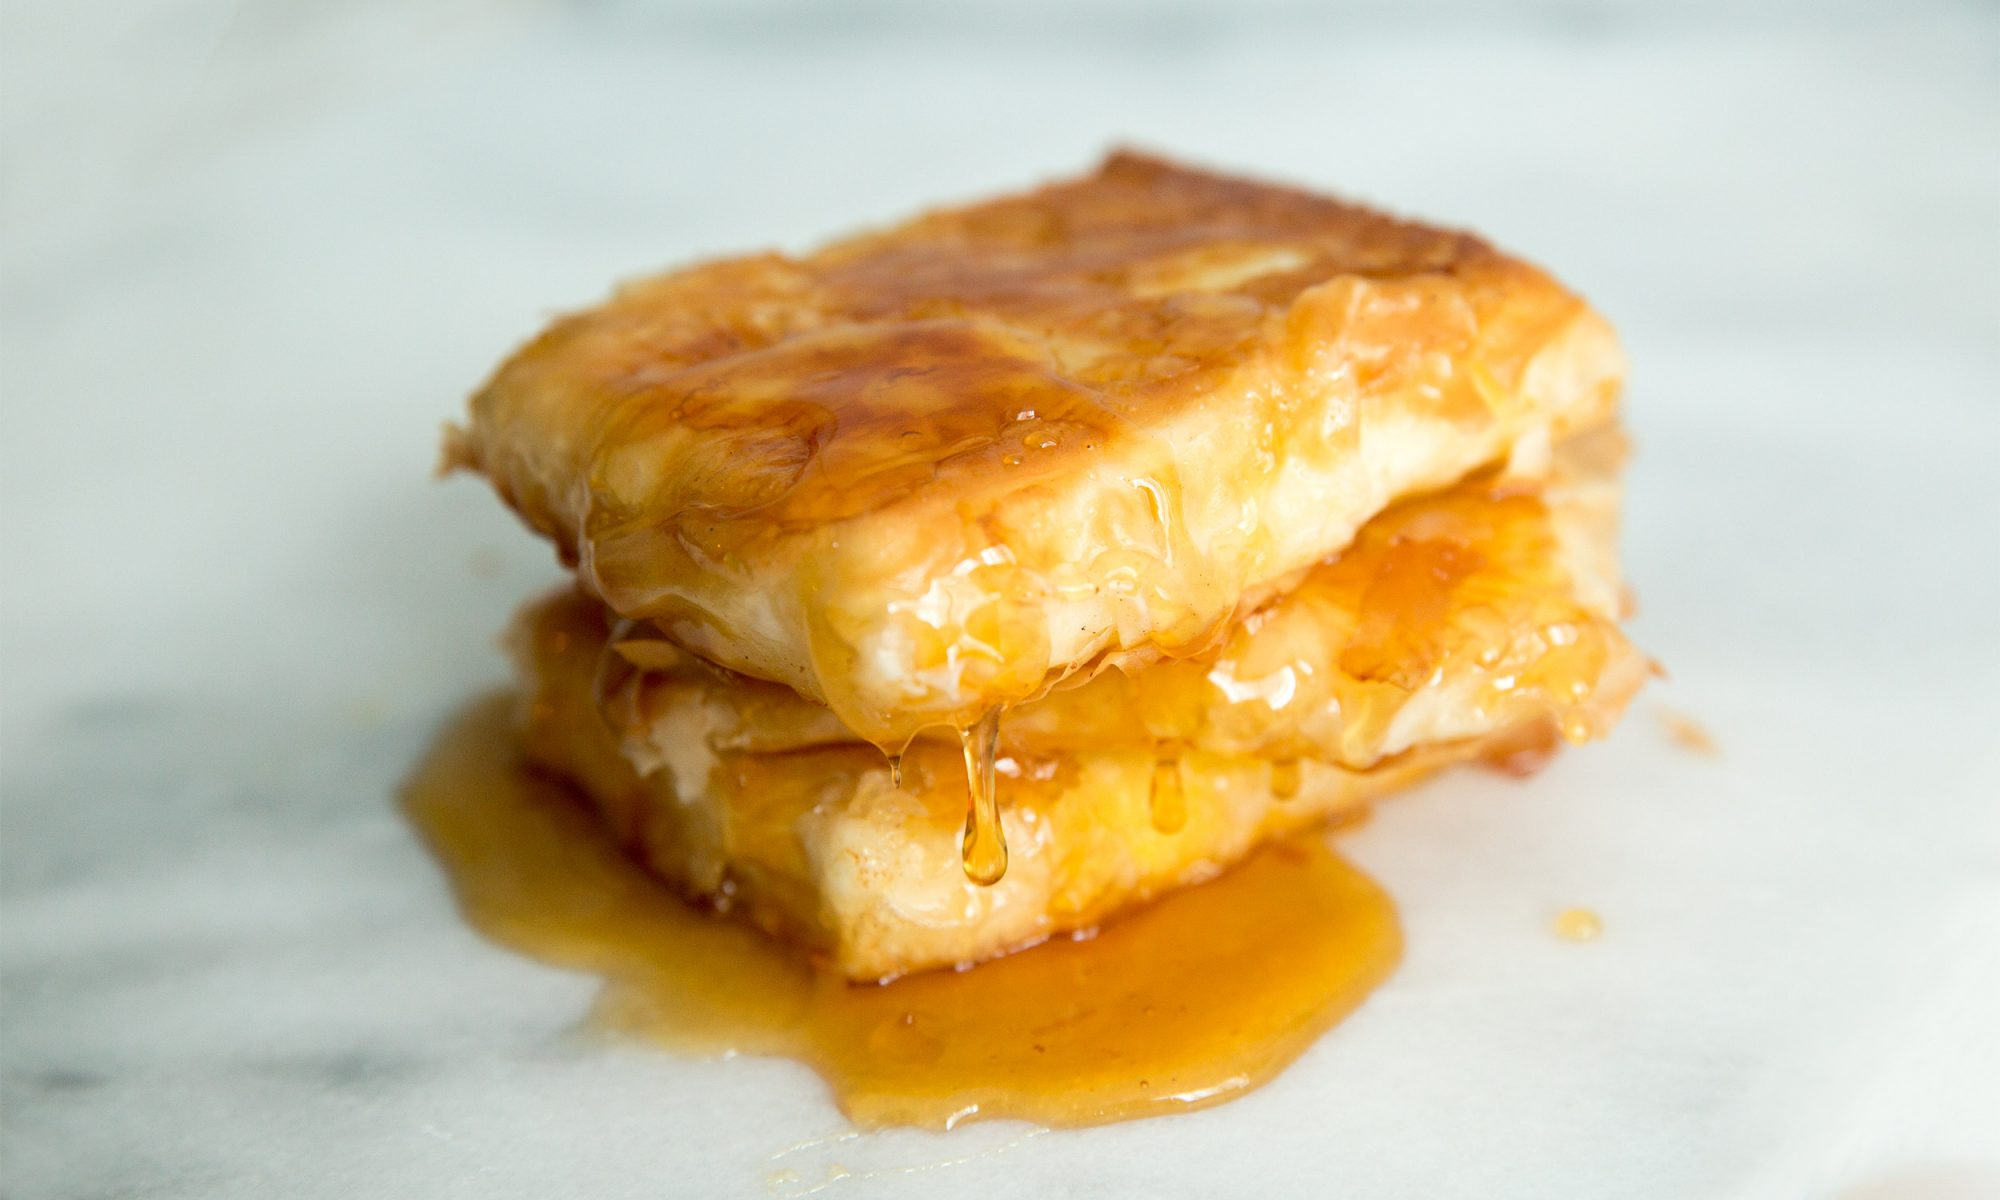 Fried Feta with Honey Is the Sweetest Breakfast